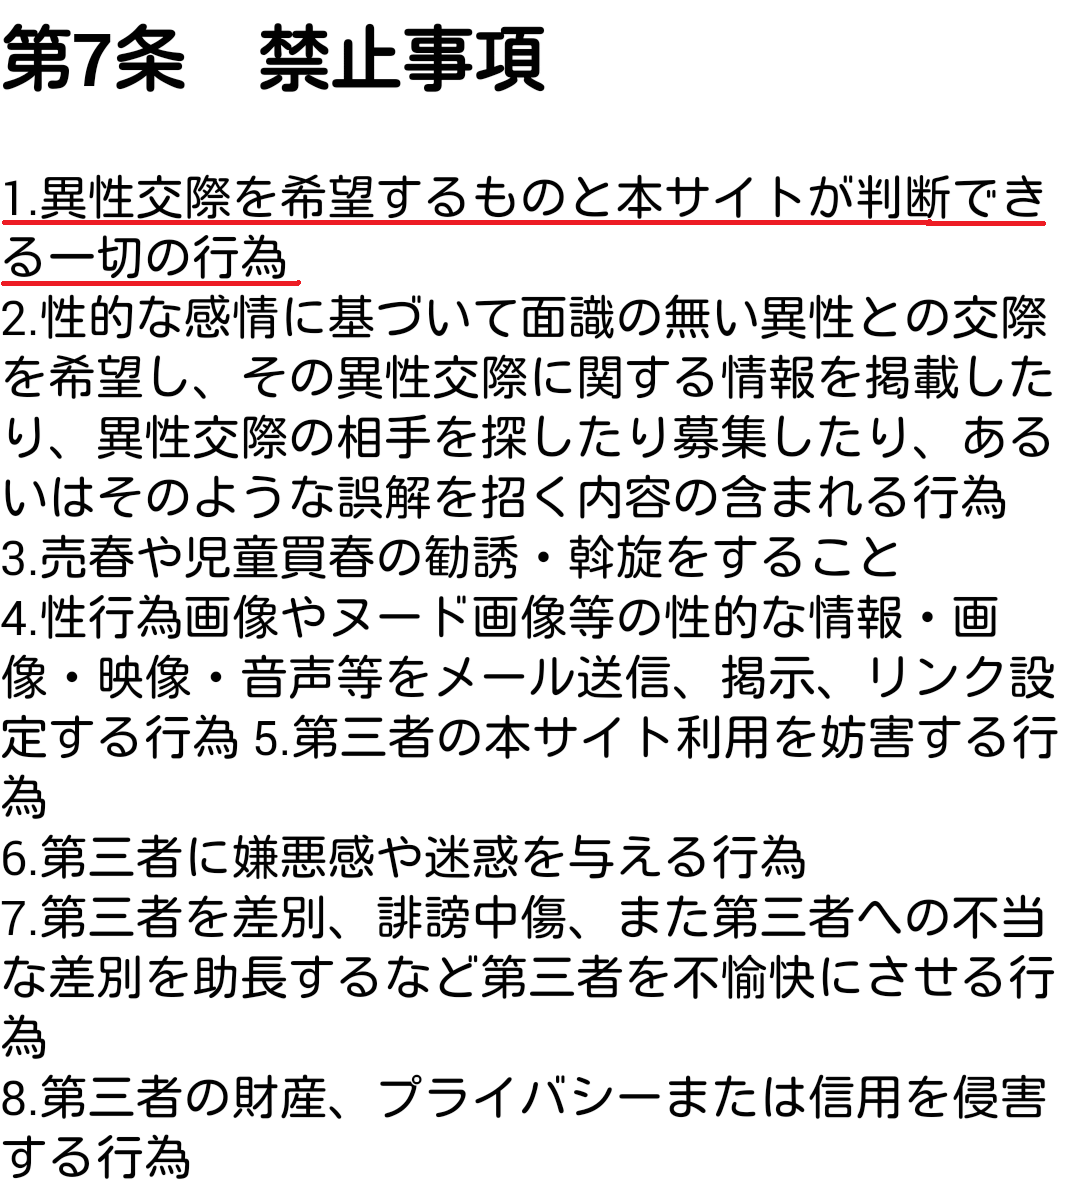 ひまトーークDX!- 出会い系SNSチャット -